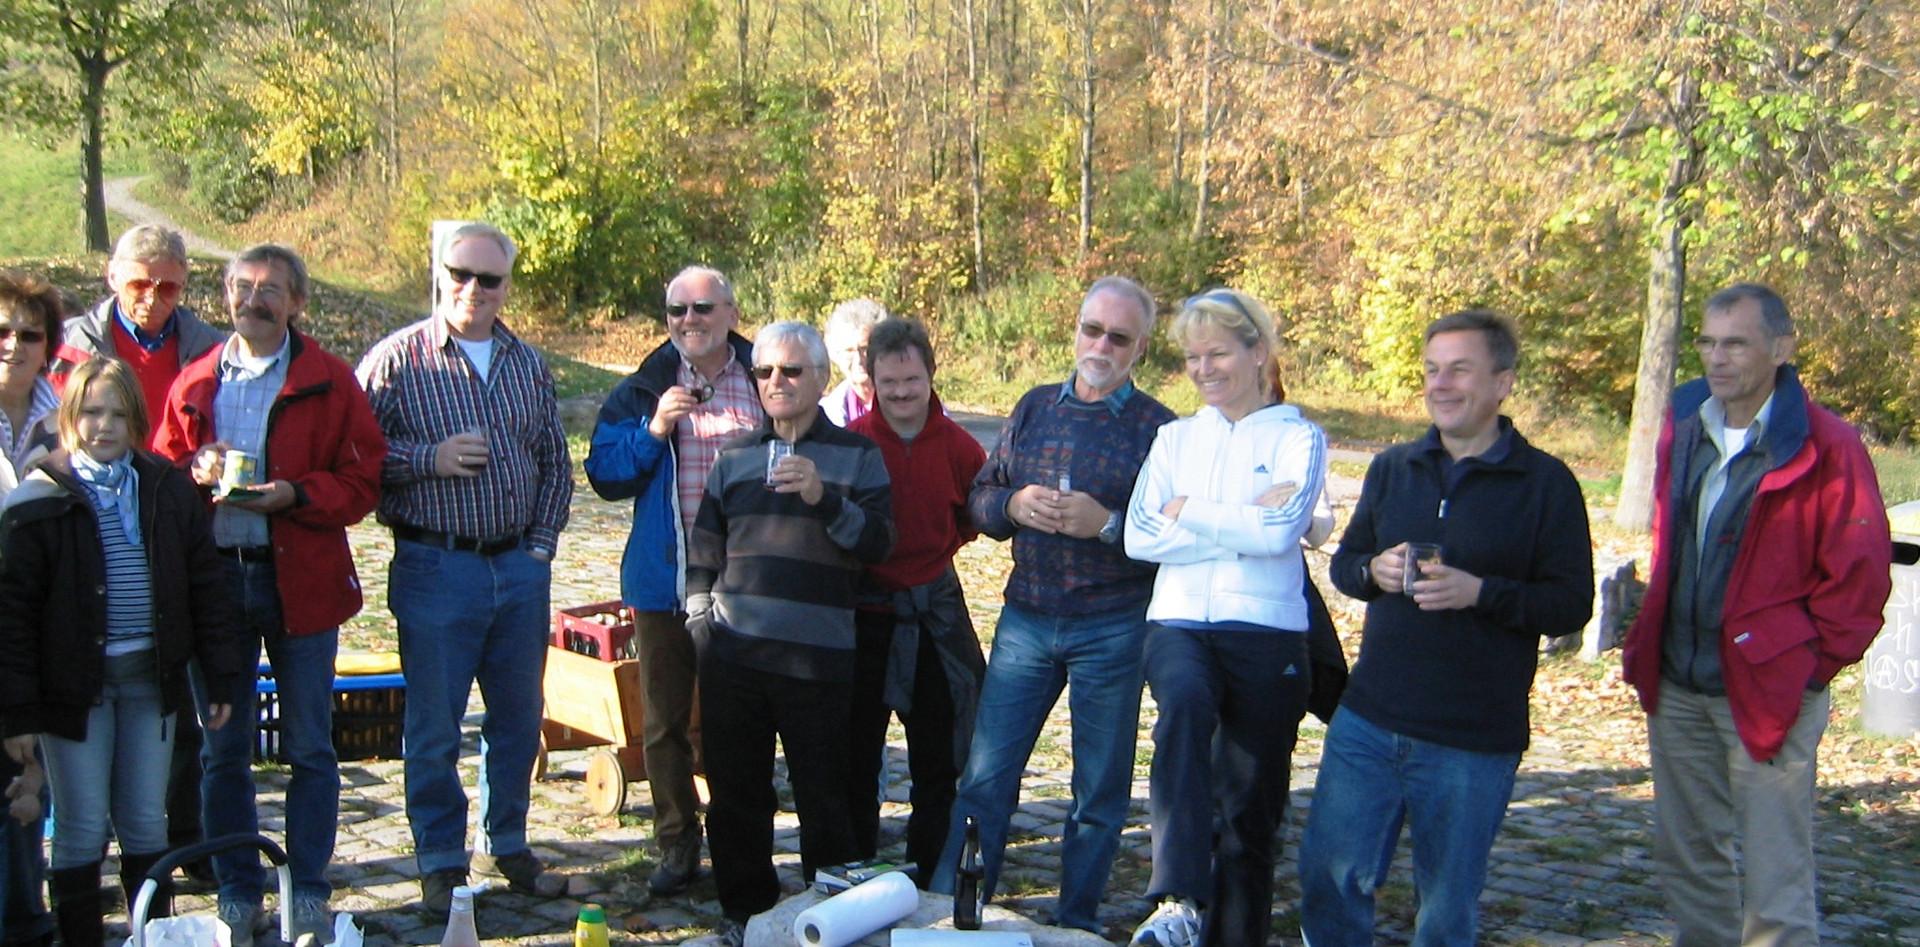 Wanderung Besen TCM 25.10.2008 035.jpg